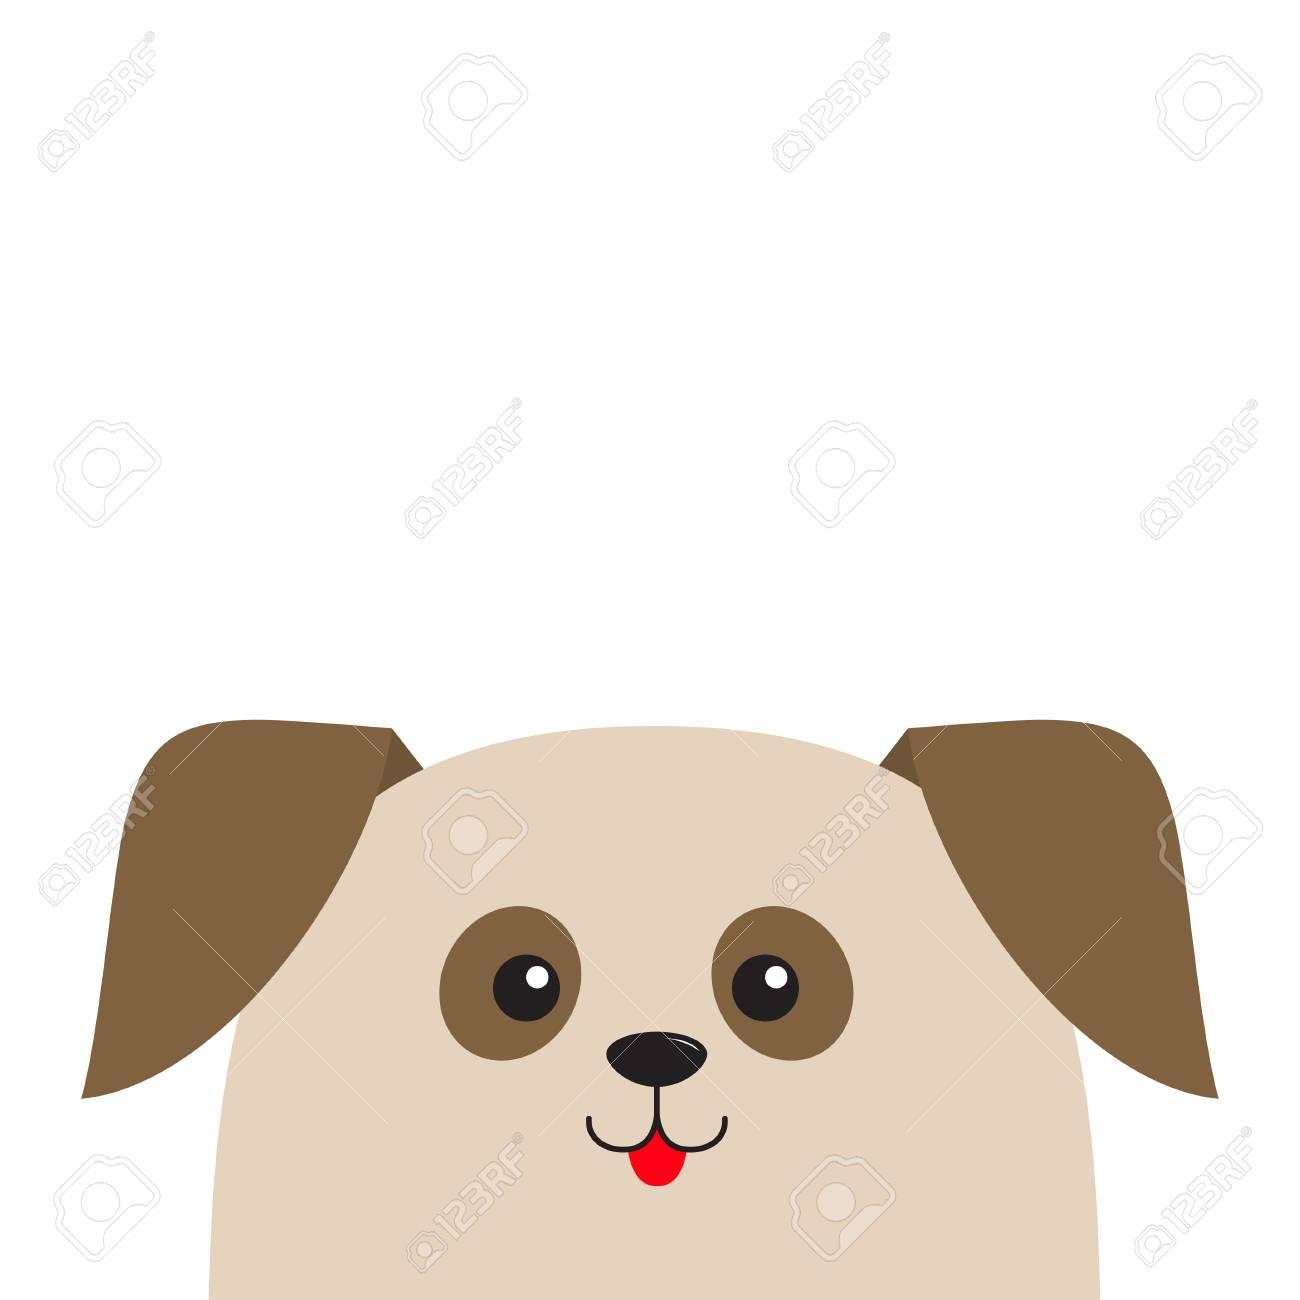 Vettoriale cercare testa di cucciolo di cane personaggio